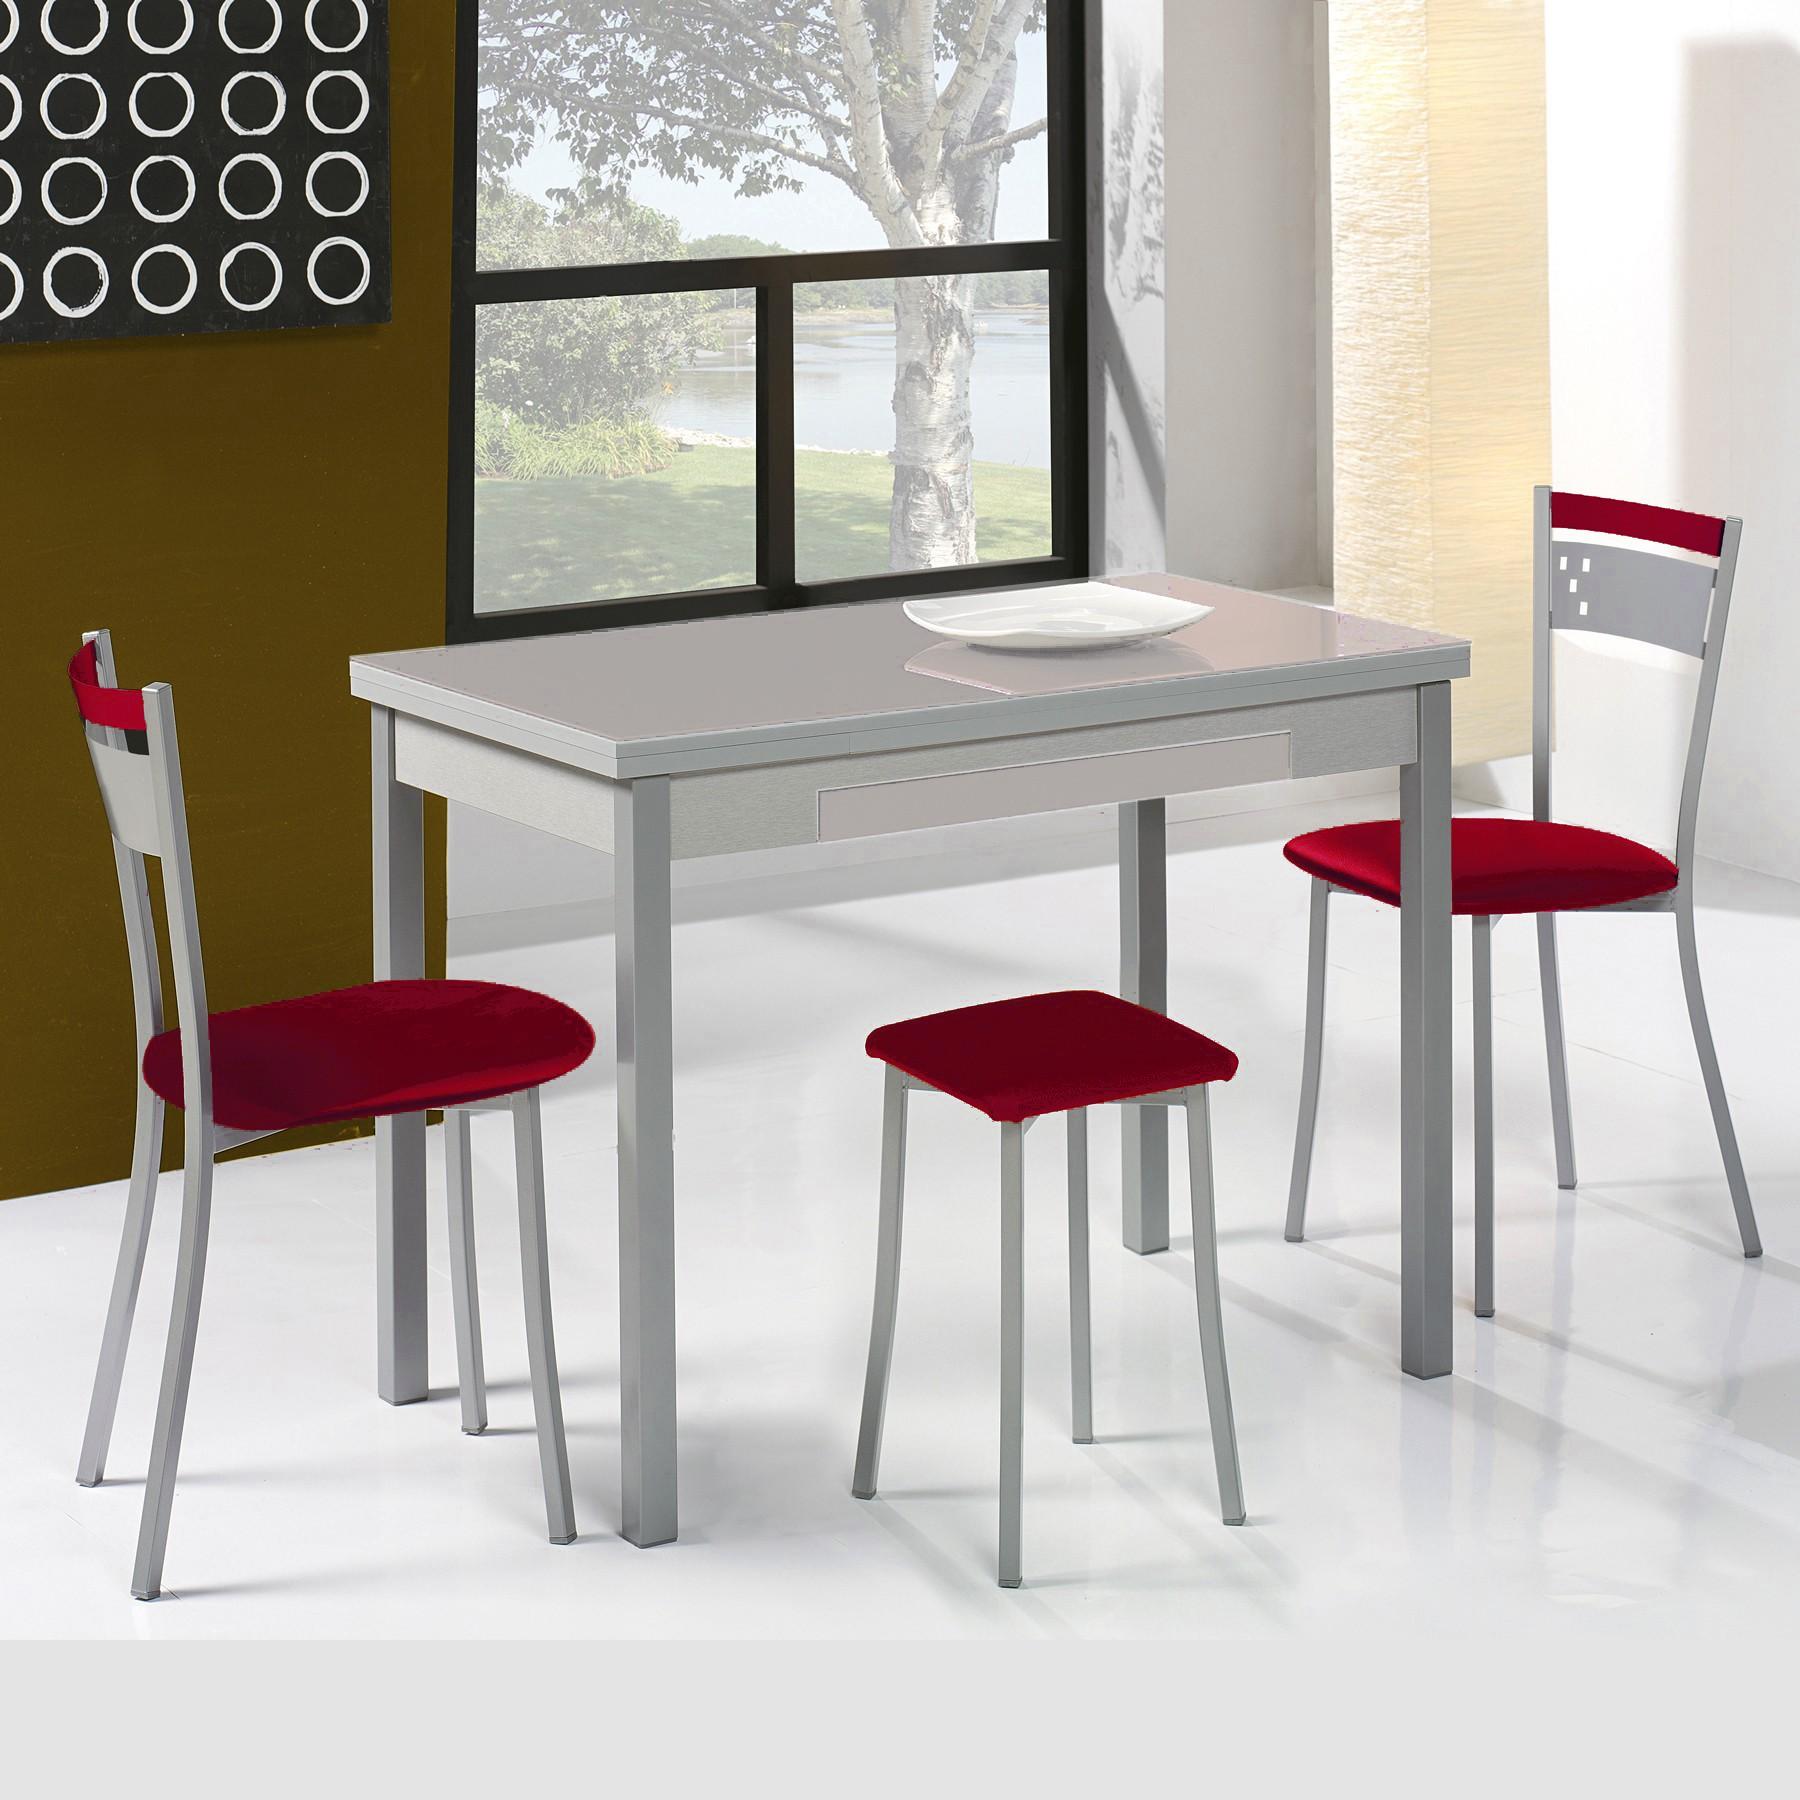 Conjunto de mesa extensible alas sillas y taburetes de - Taburetes plegables cocina ...